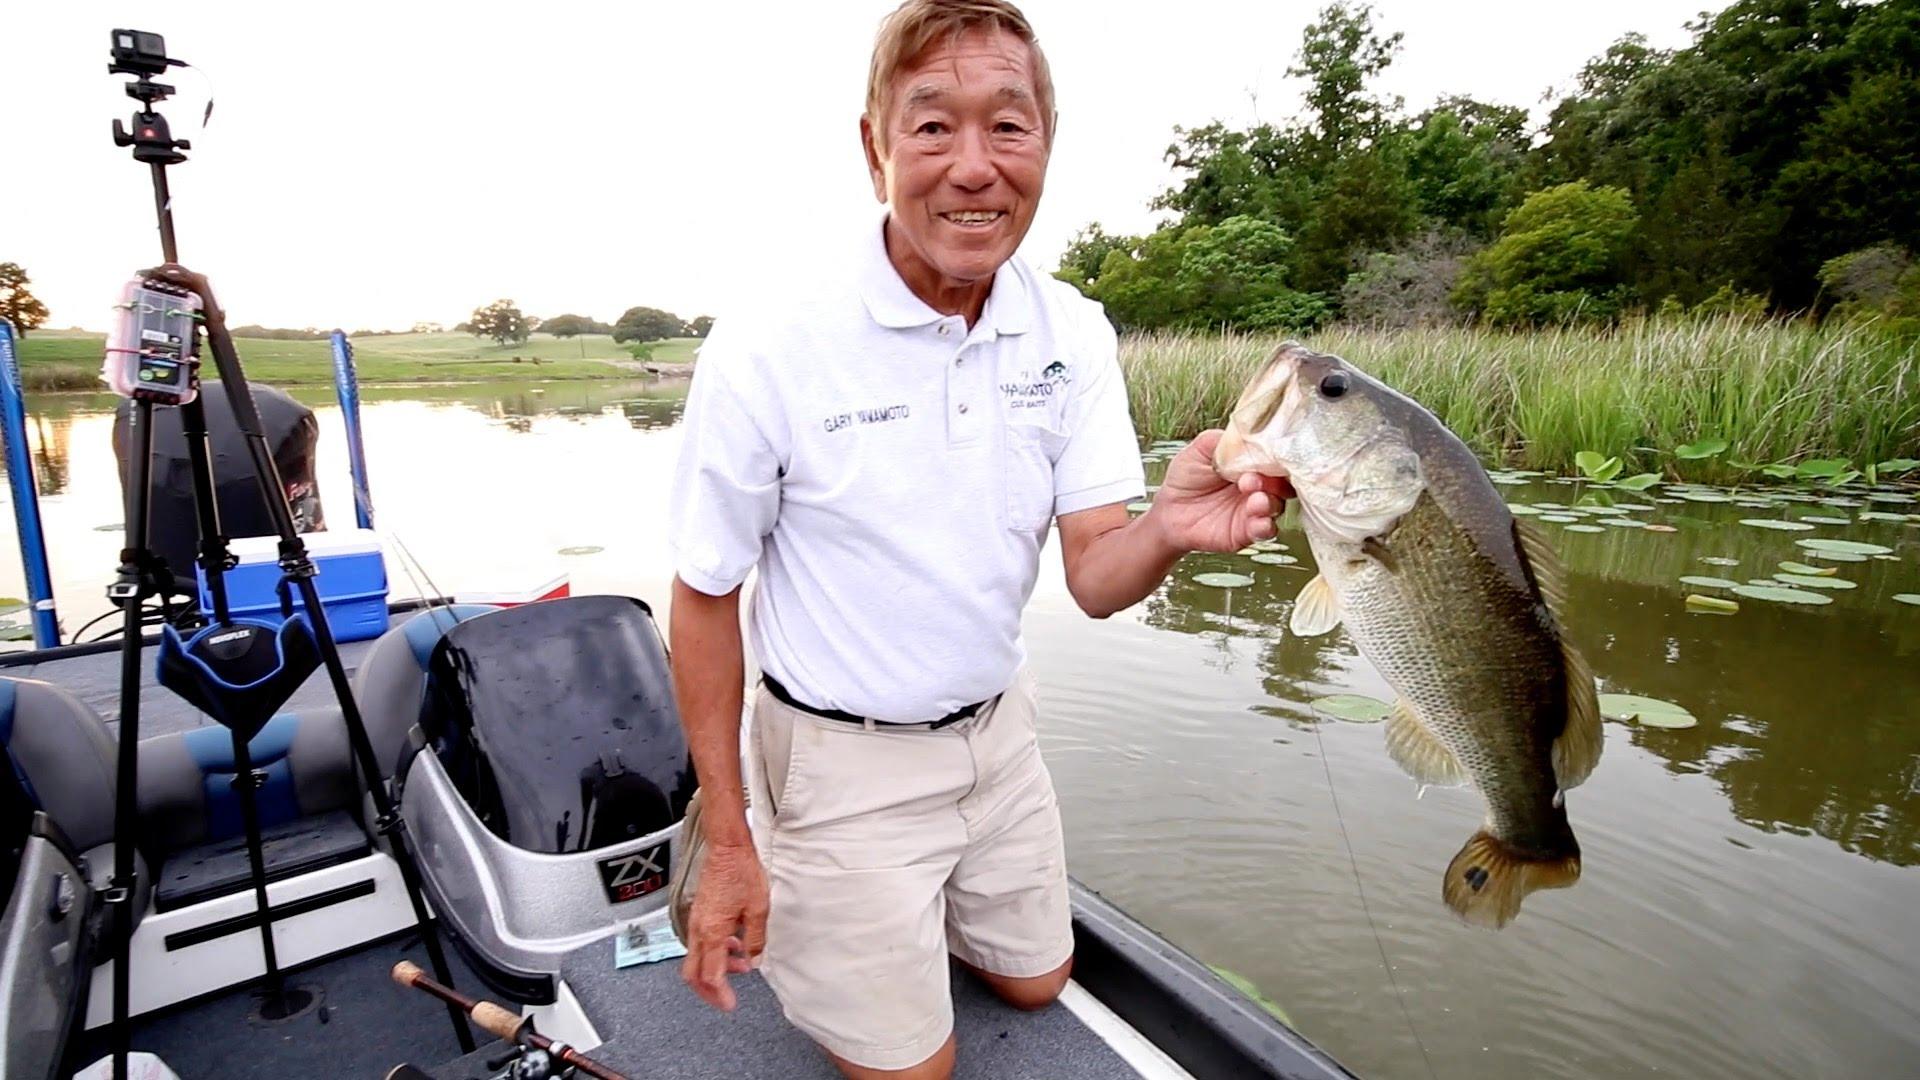 Bass Fishing With Gary Yamamoto